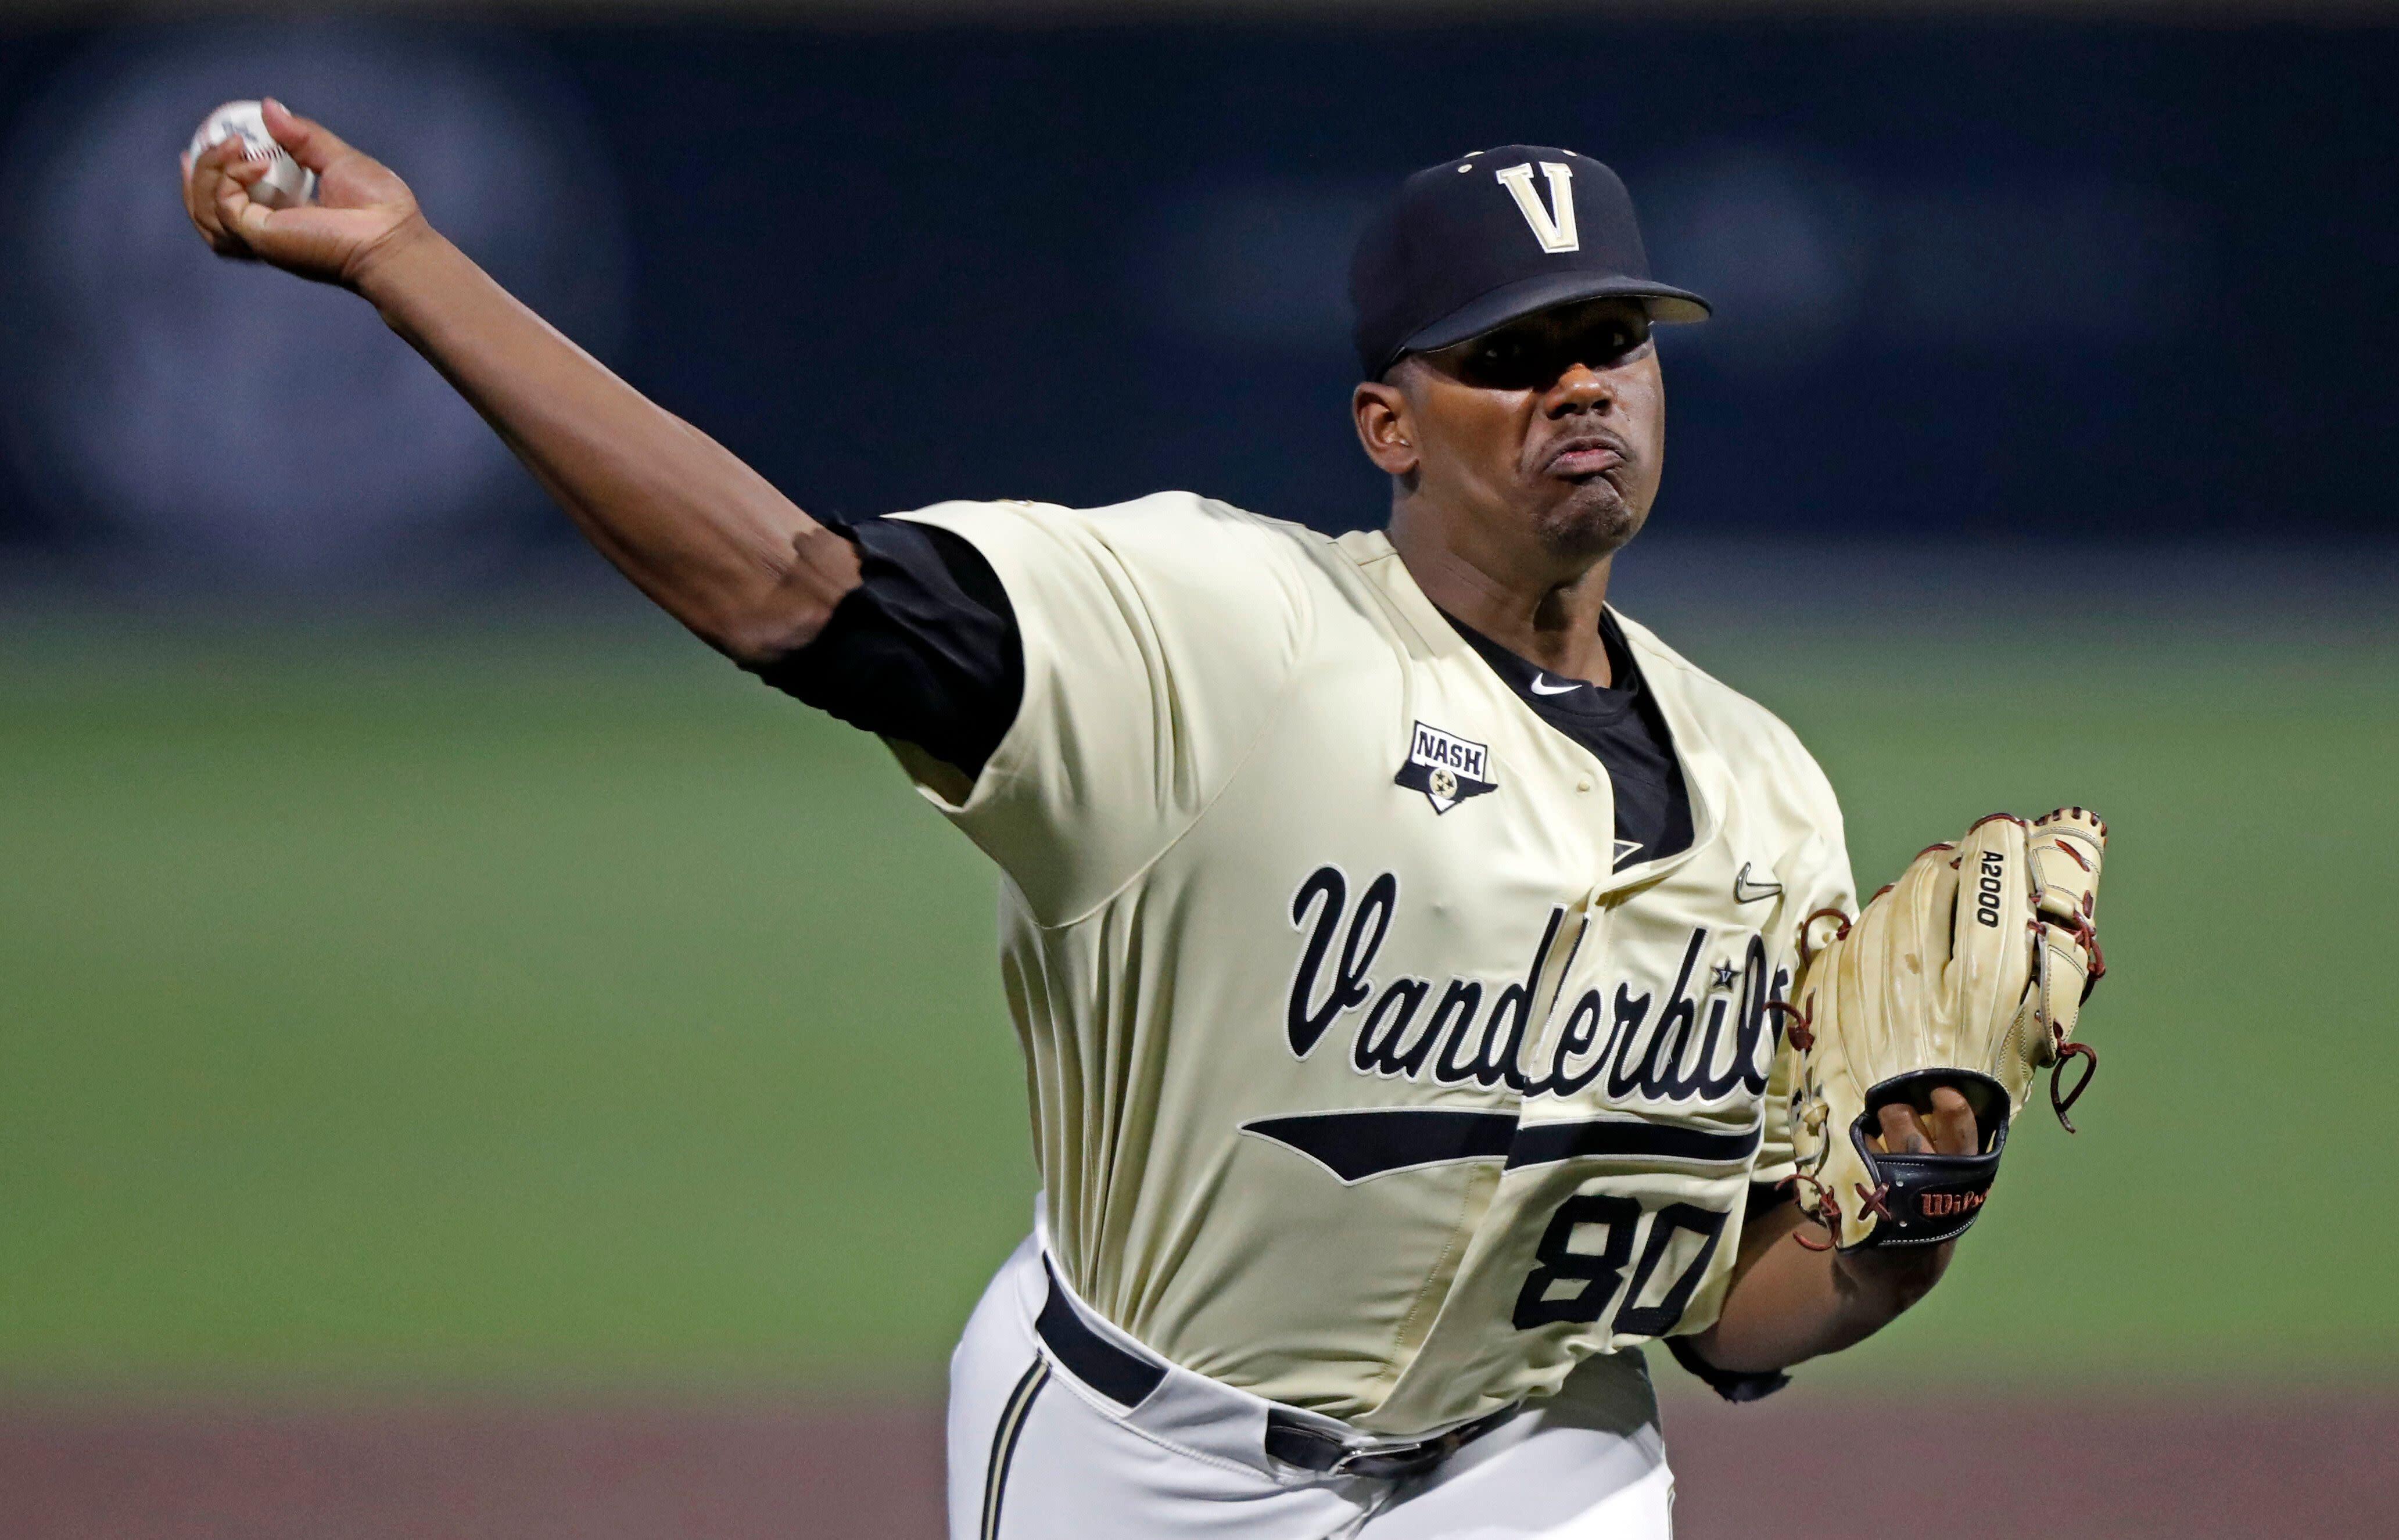 Vanderbilt freshman strikes out 19 in no-hitter vs  Duke